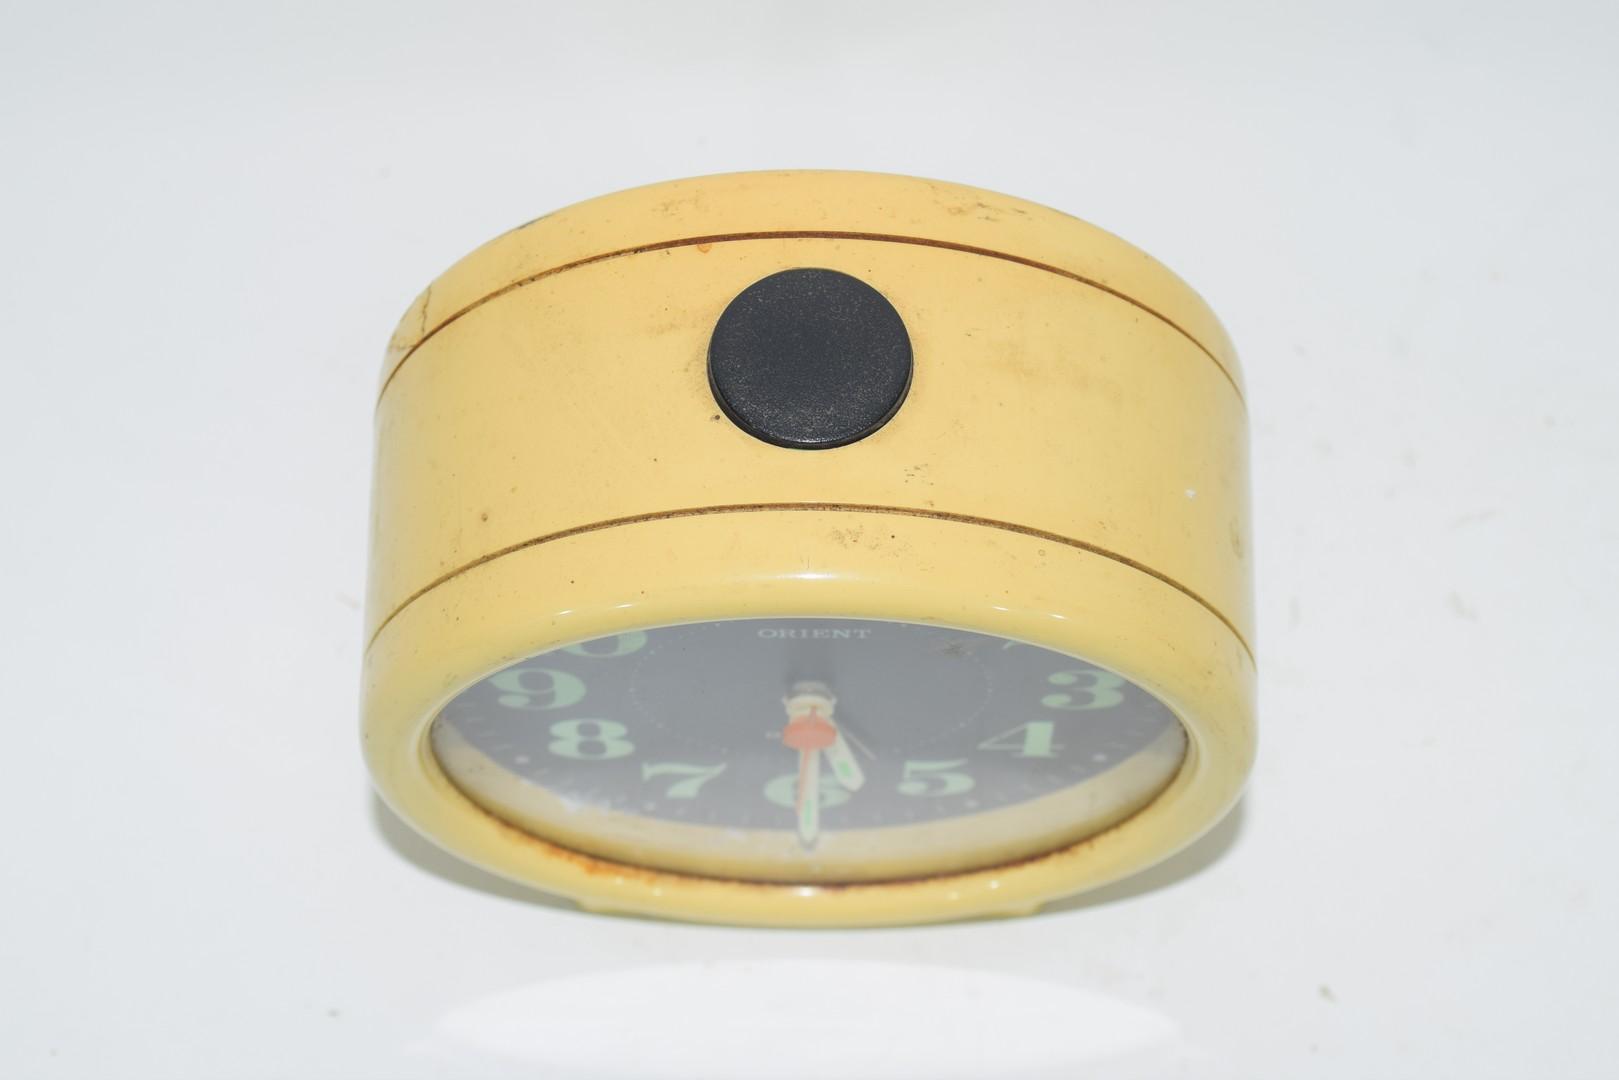 1950s Japanese plastic Orient quartz alarm clock - Image 3 of 3